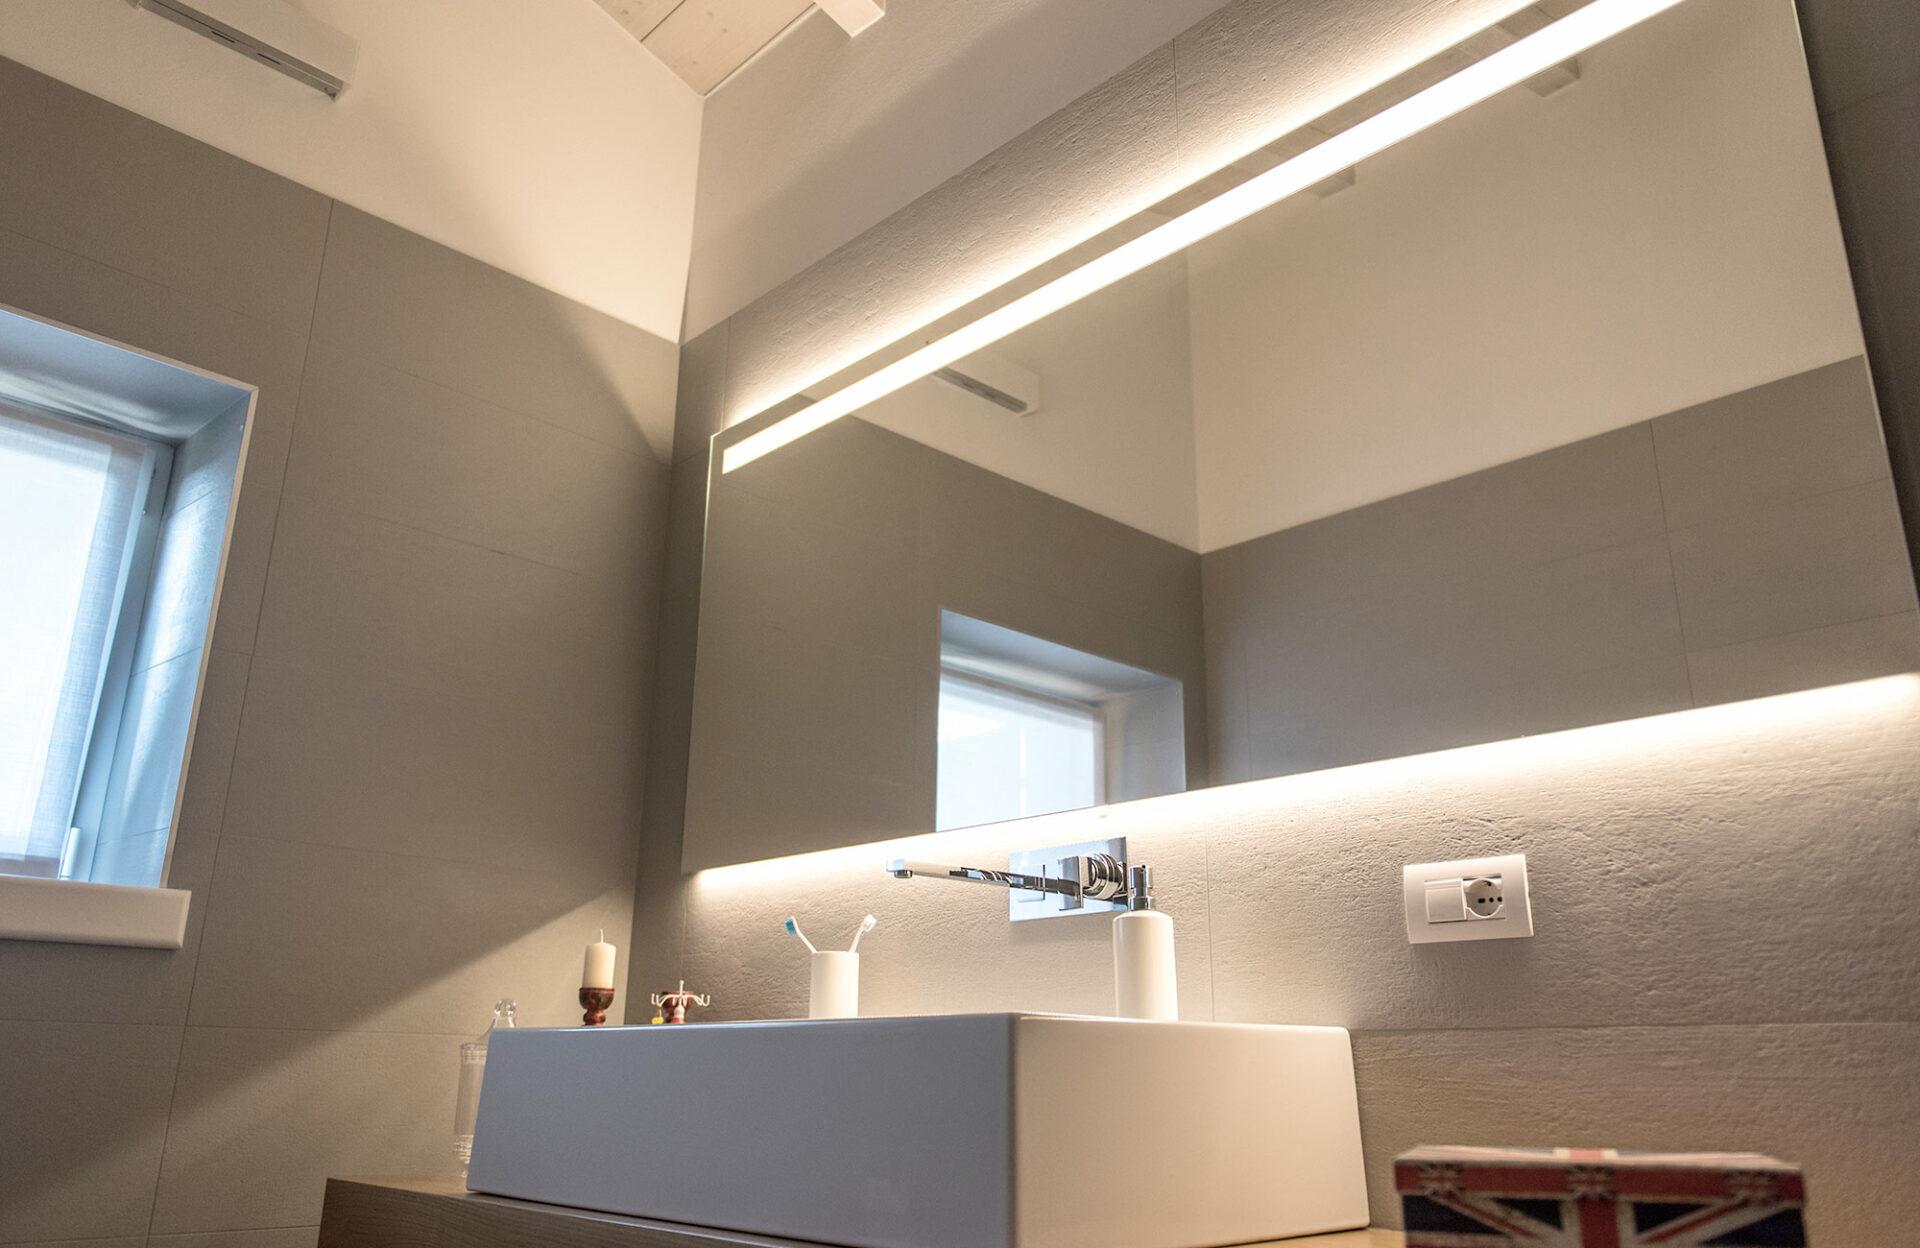 Specchio con illuminazione led integrata tecnovetrovr